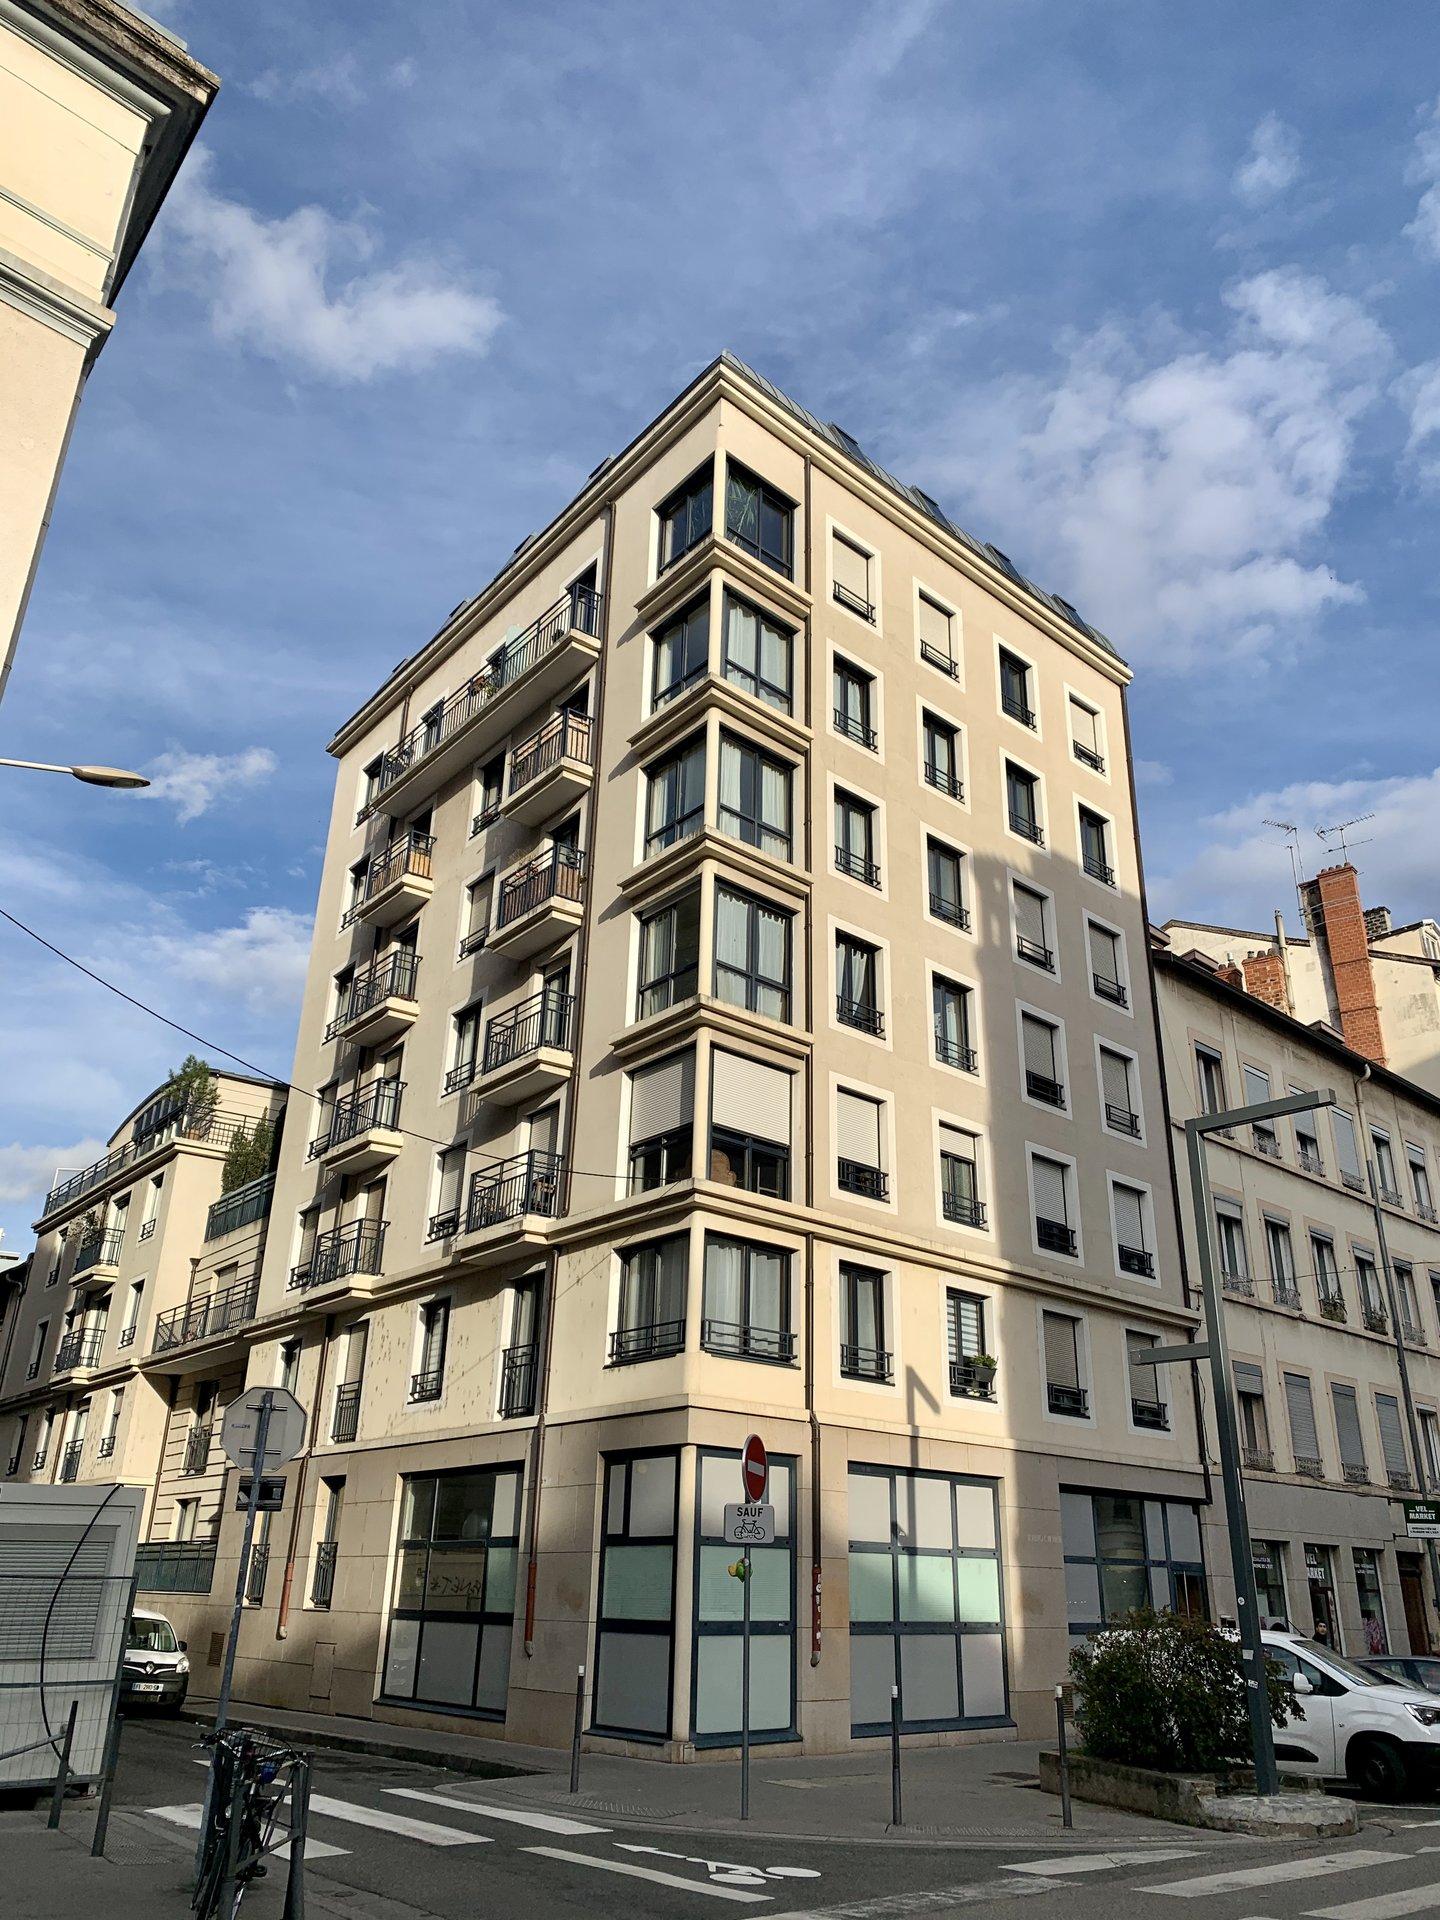 LYON 7 JEAN MACE : T3 67 M2 + Balcon + Garage + Place de stationnement Rue Chevreul